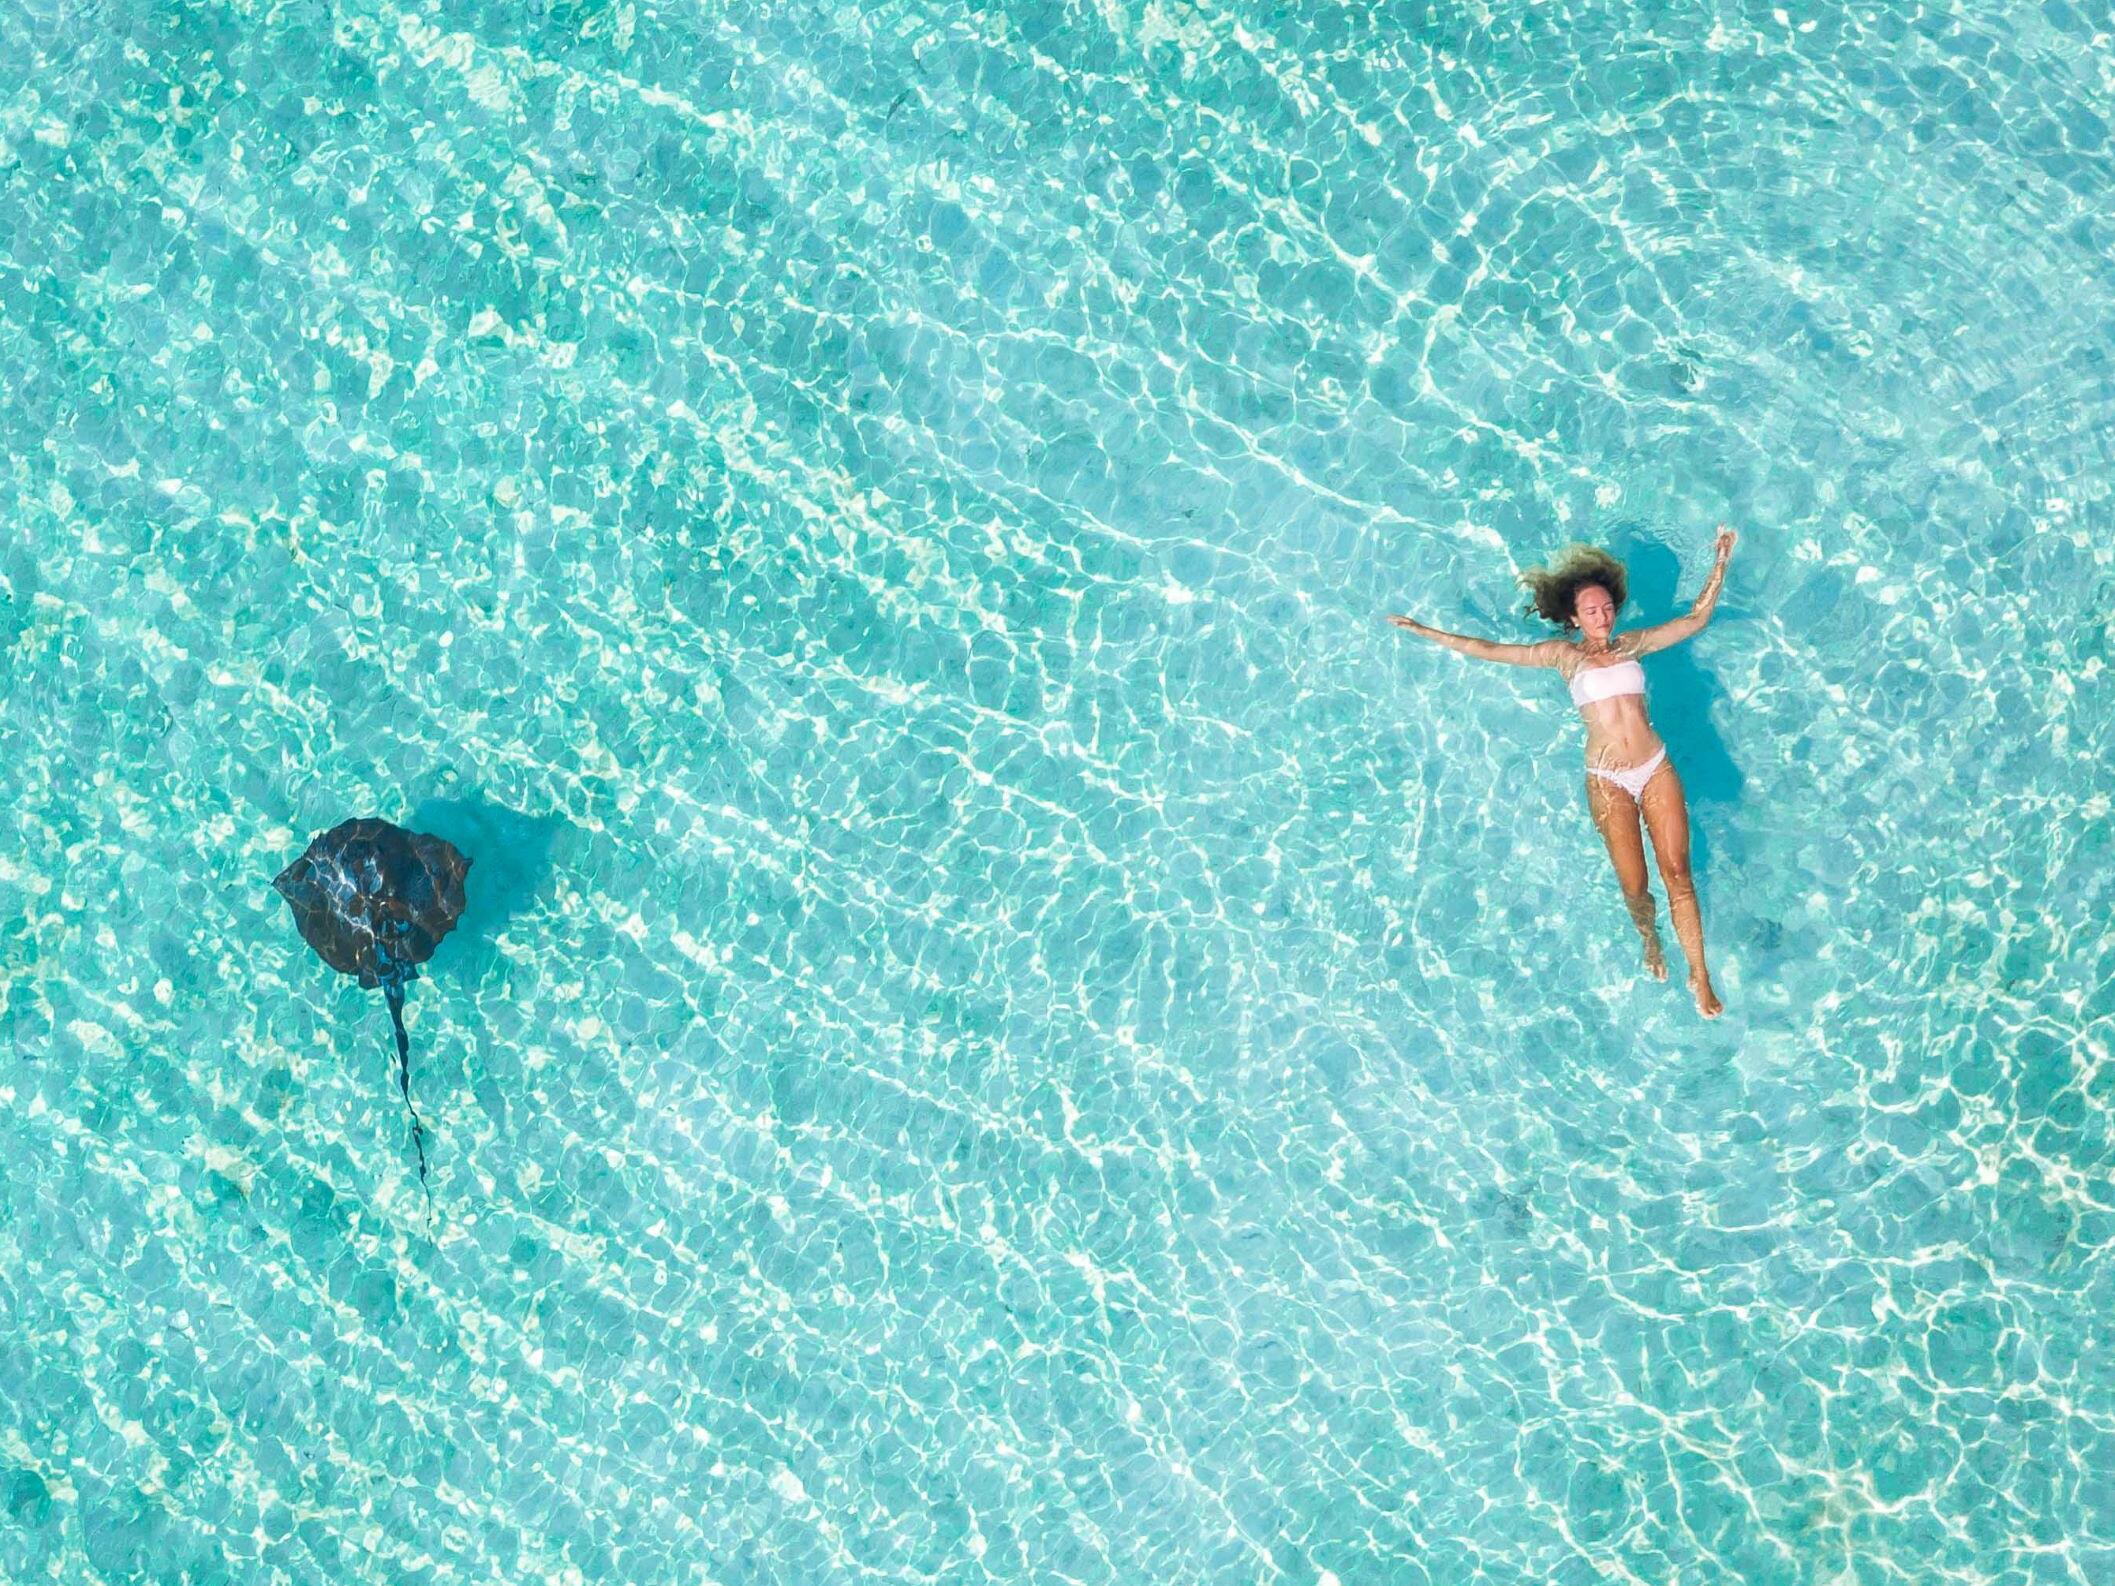 James Vodicka_Swimming at Heron Island